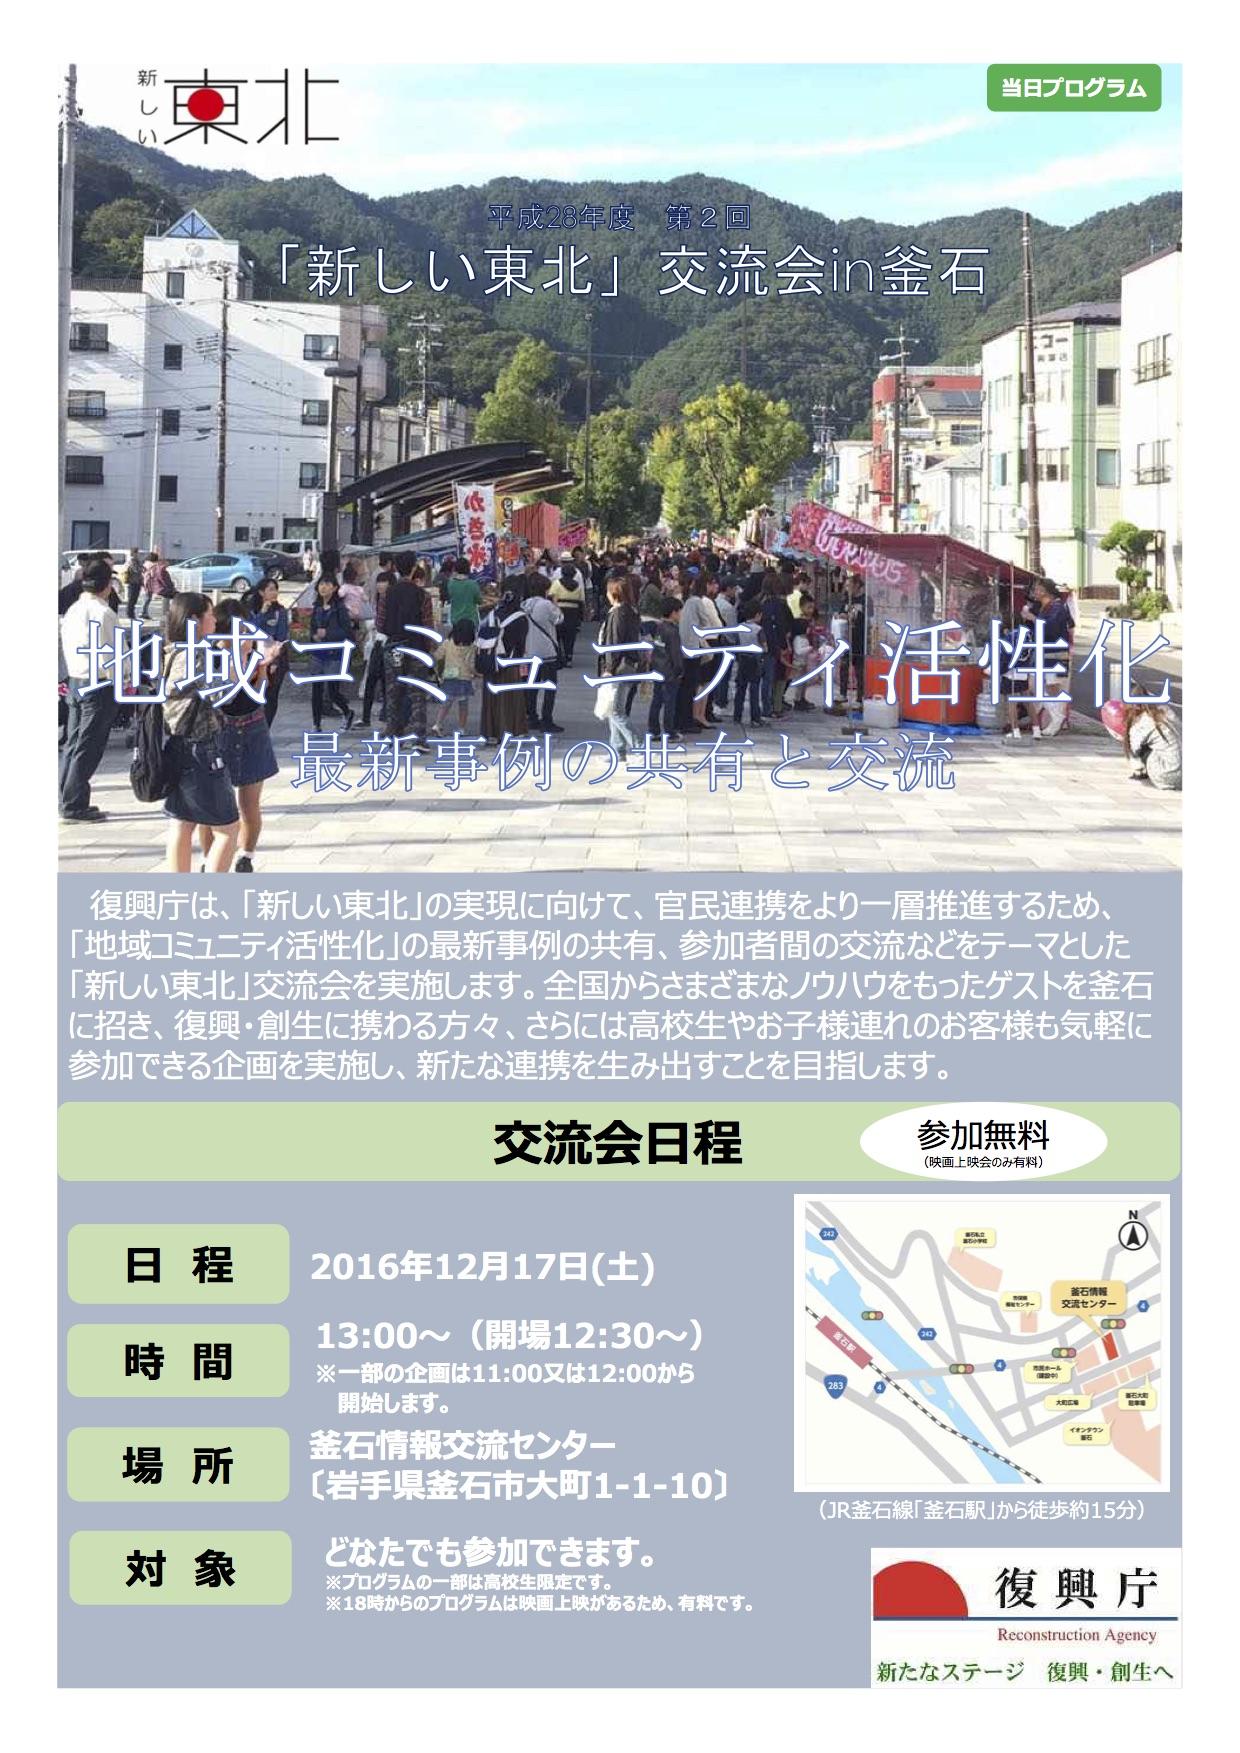 当社代表、相澤謙一郎が「新しい東北」交流会in釜石に登壇いたします。